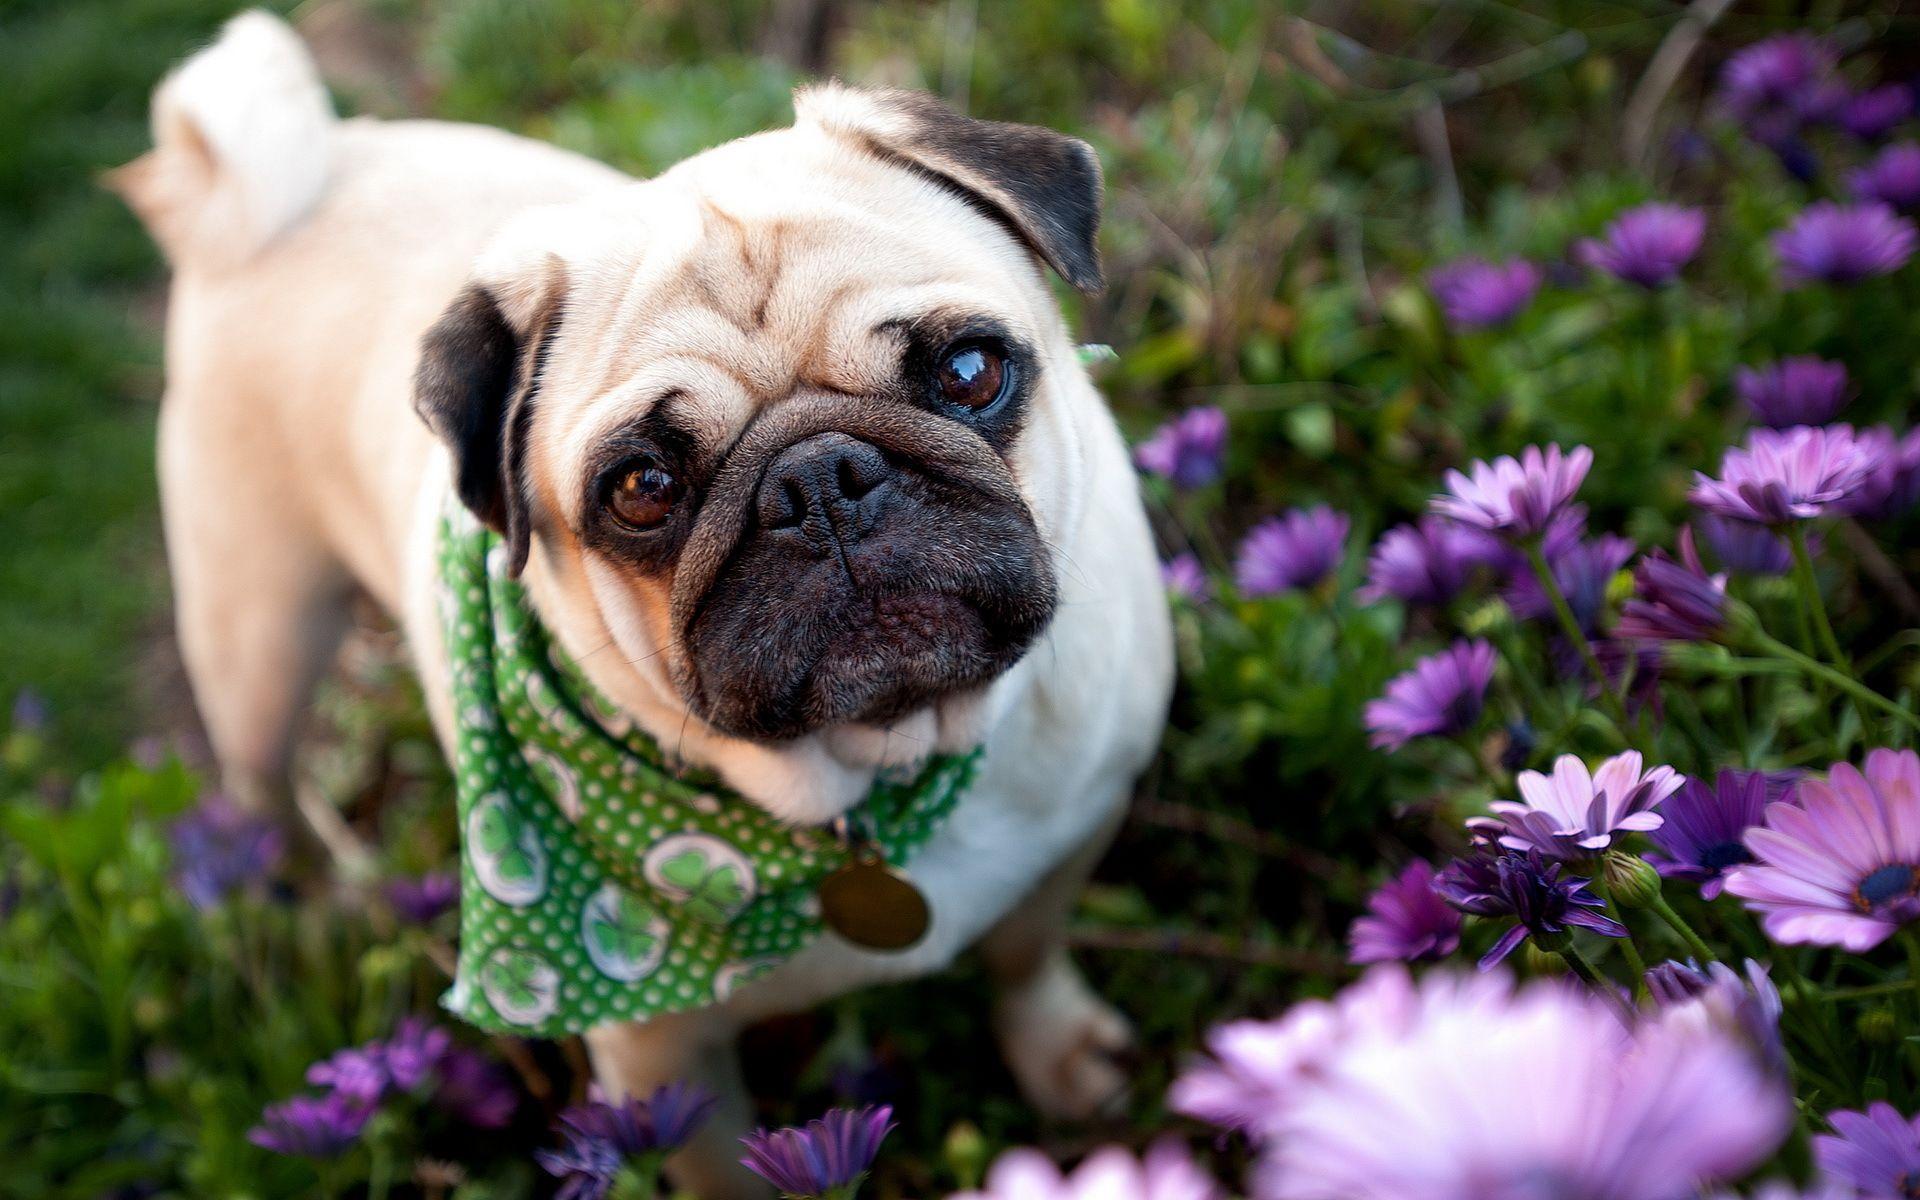 Dog Pug Garden Flowers Face Eyes Wallpaper 1920x1200 57995